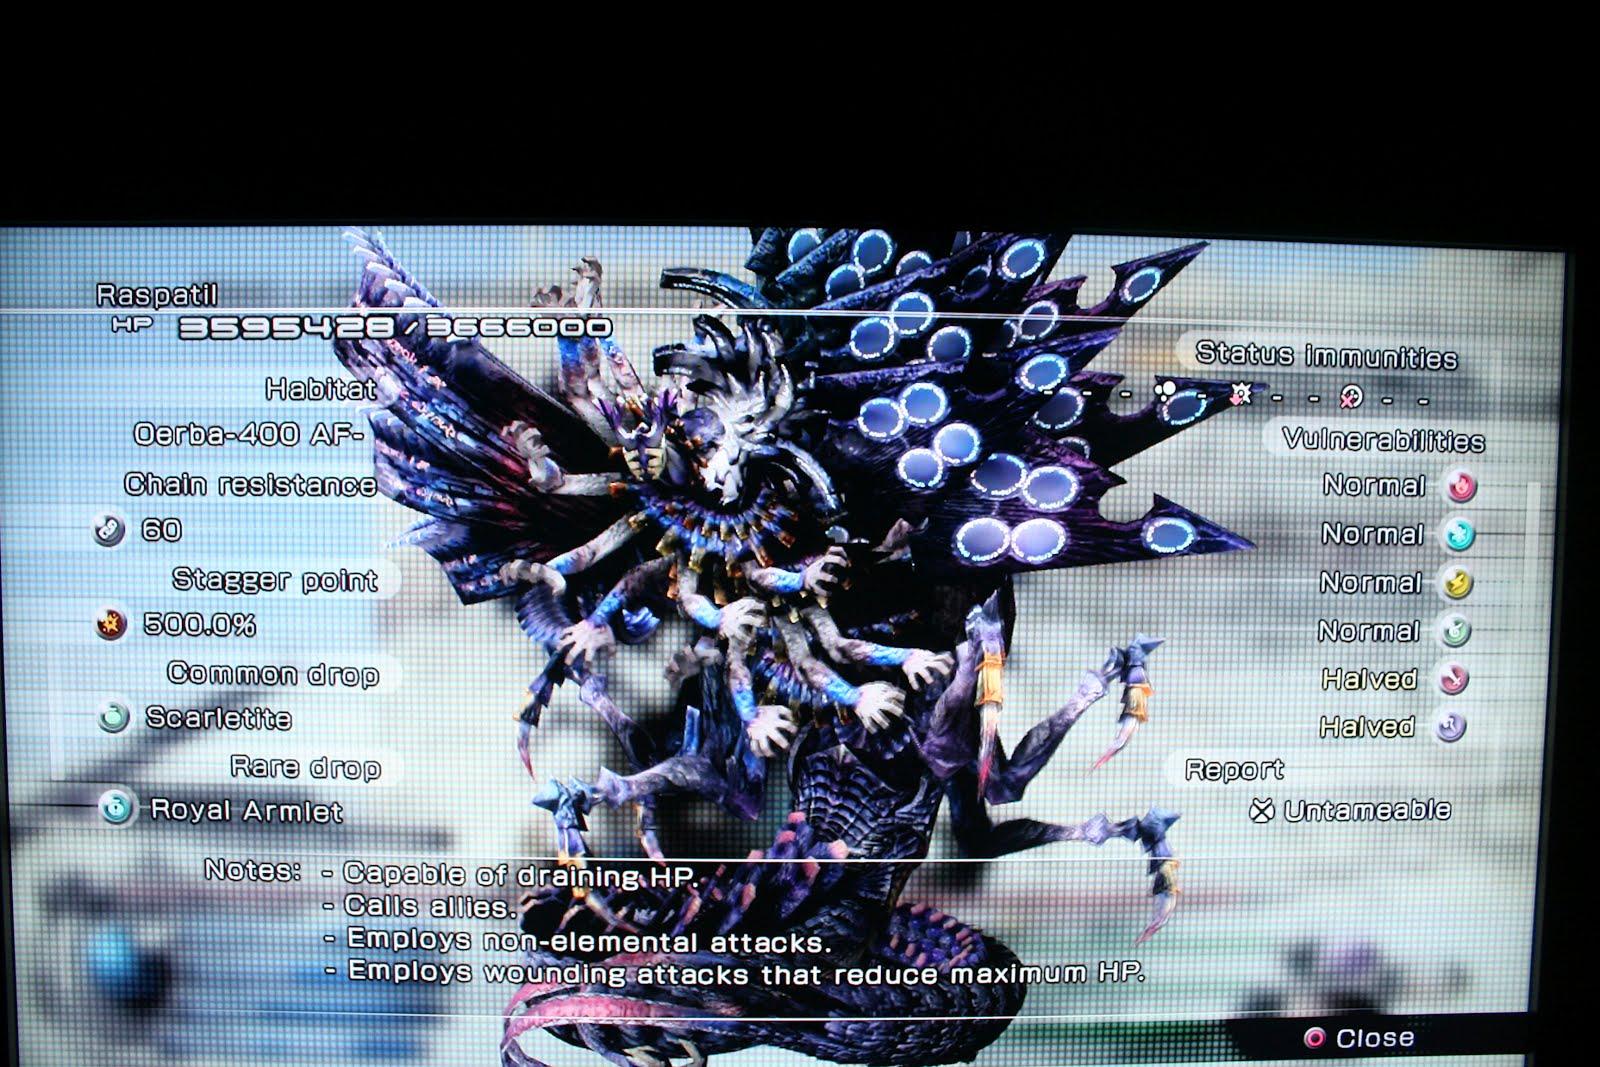 Final Fantasy Xiii 2 Oerba 400 Af